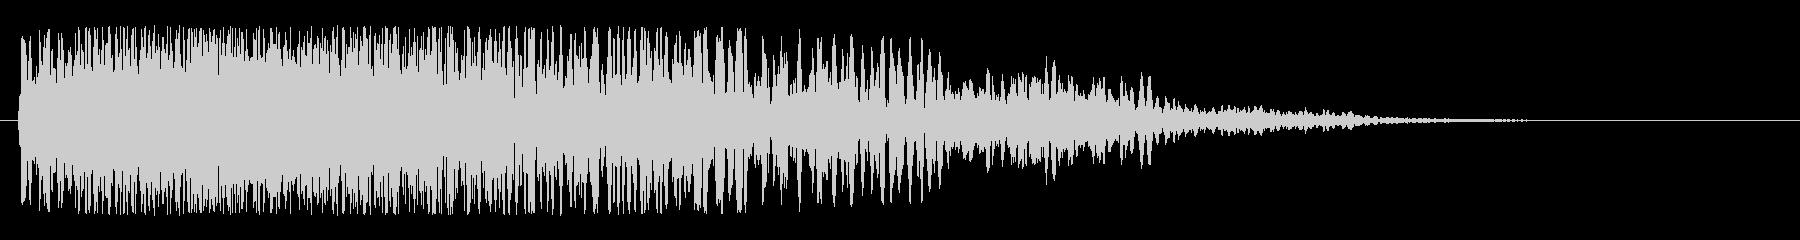 ワープ突入(大きく揺らぐジェット音)の未再生の波形